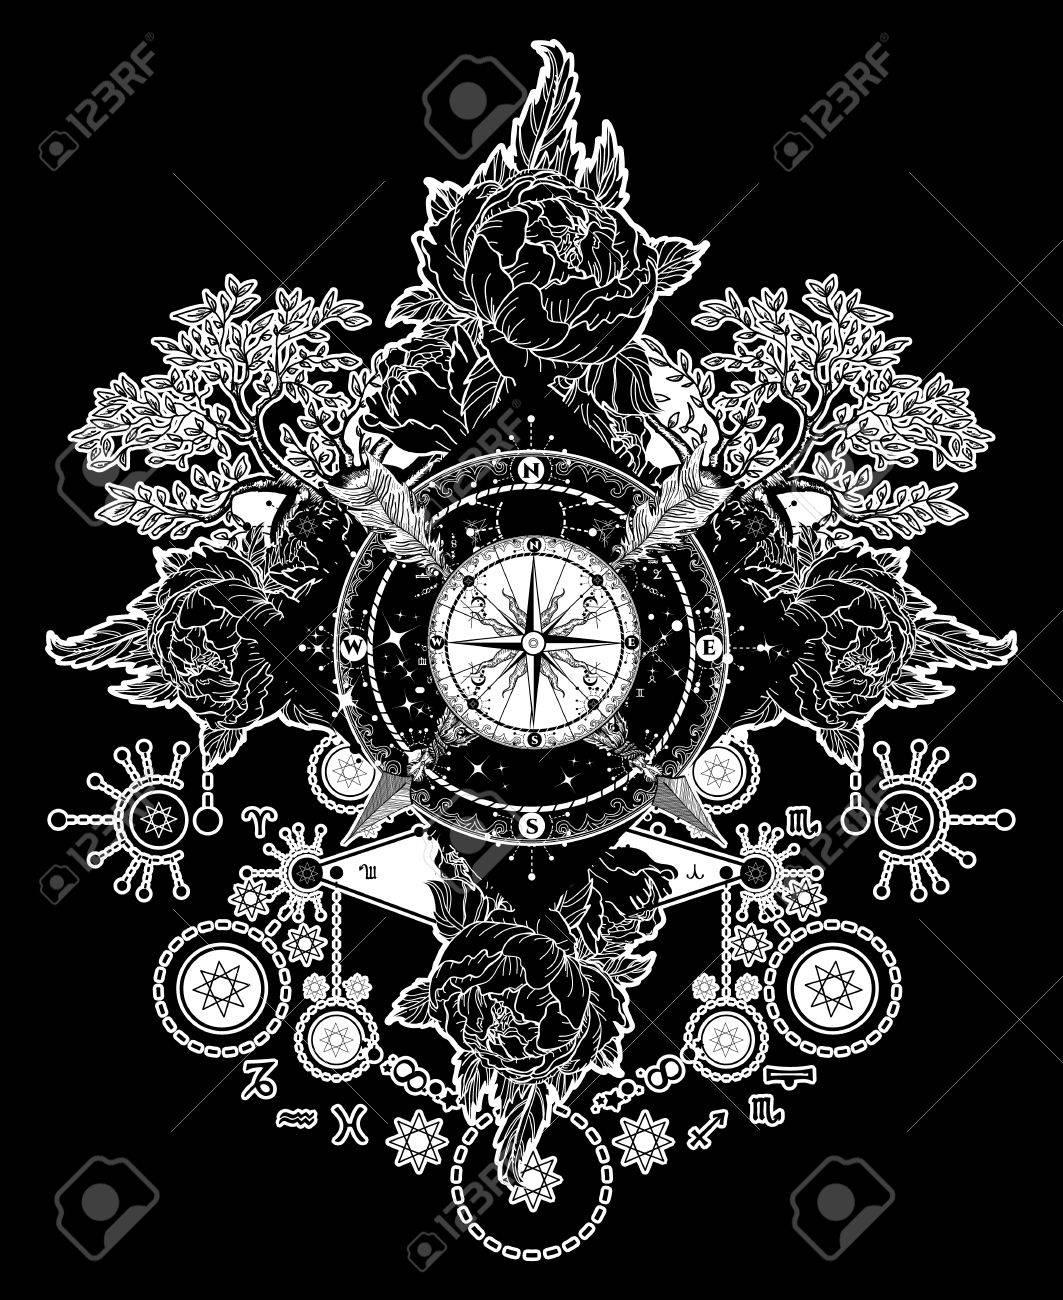 Art De Tatouage Boussole Fleches Croisees Roses Arbre A Feuilles